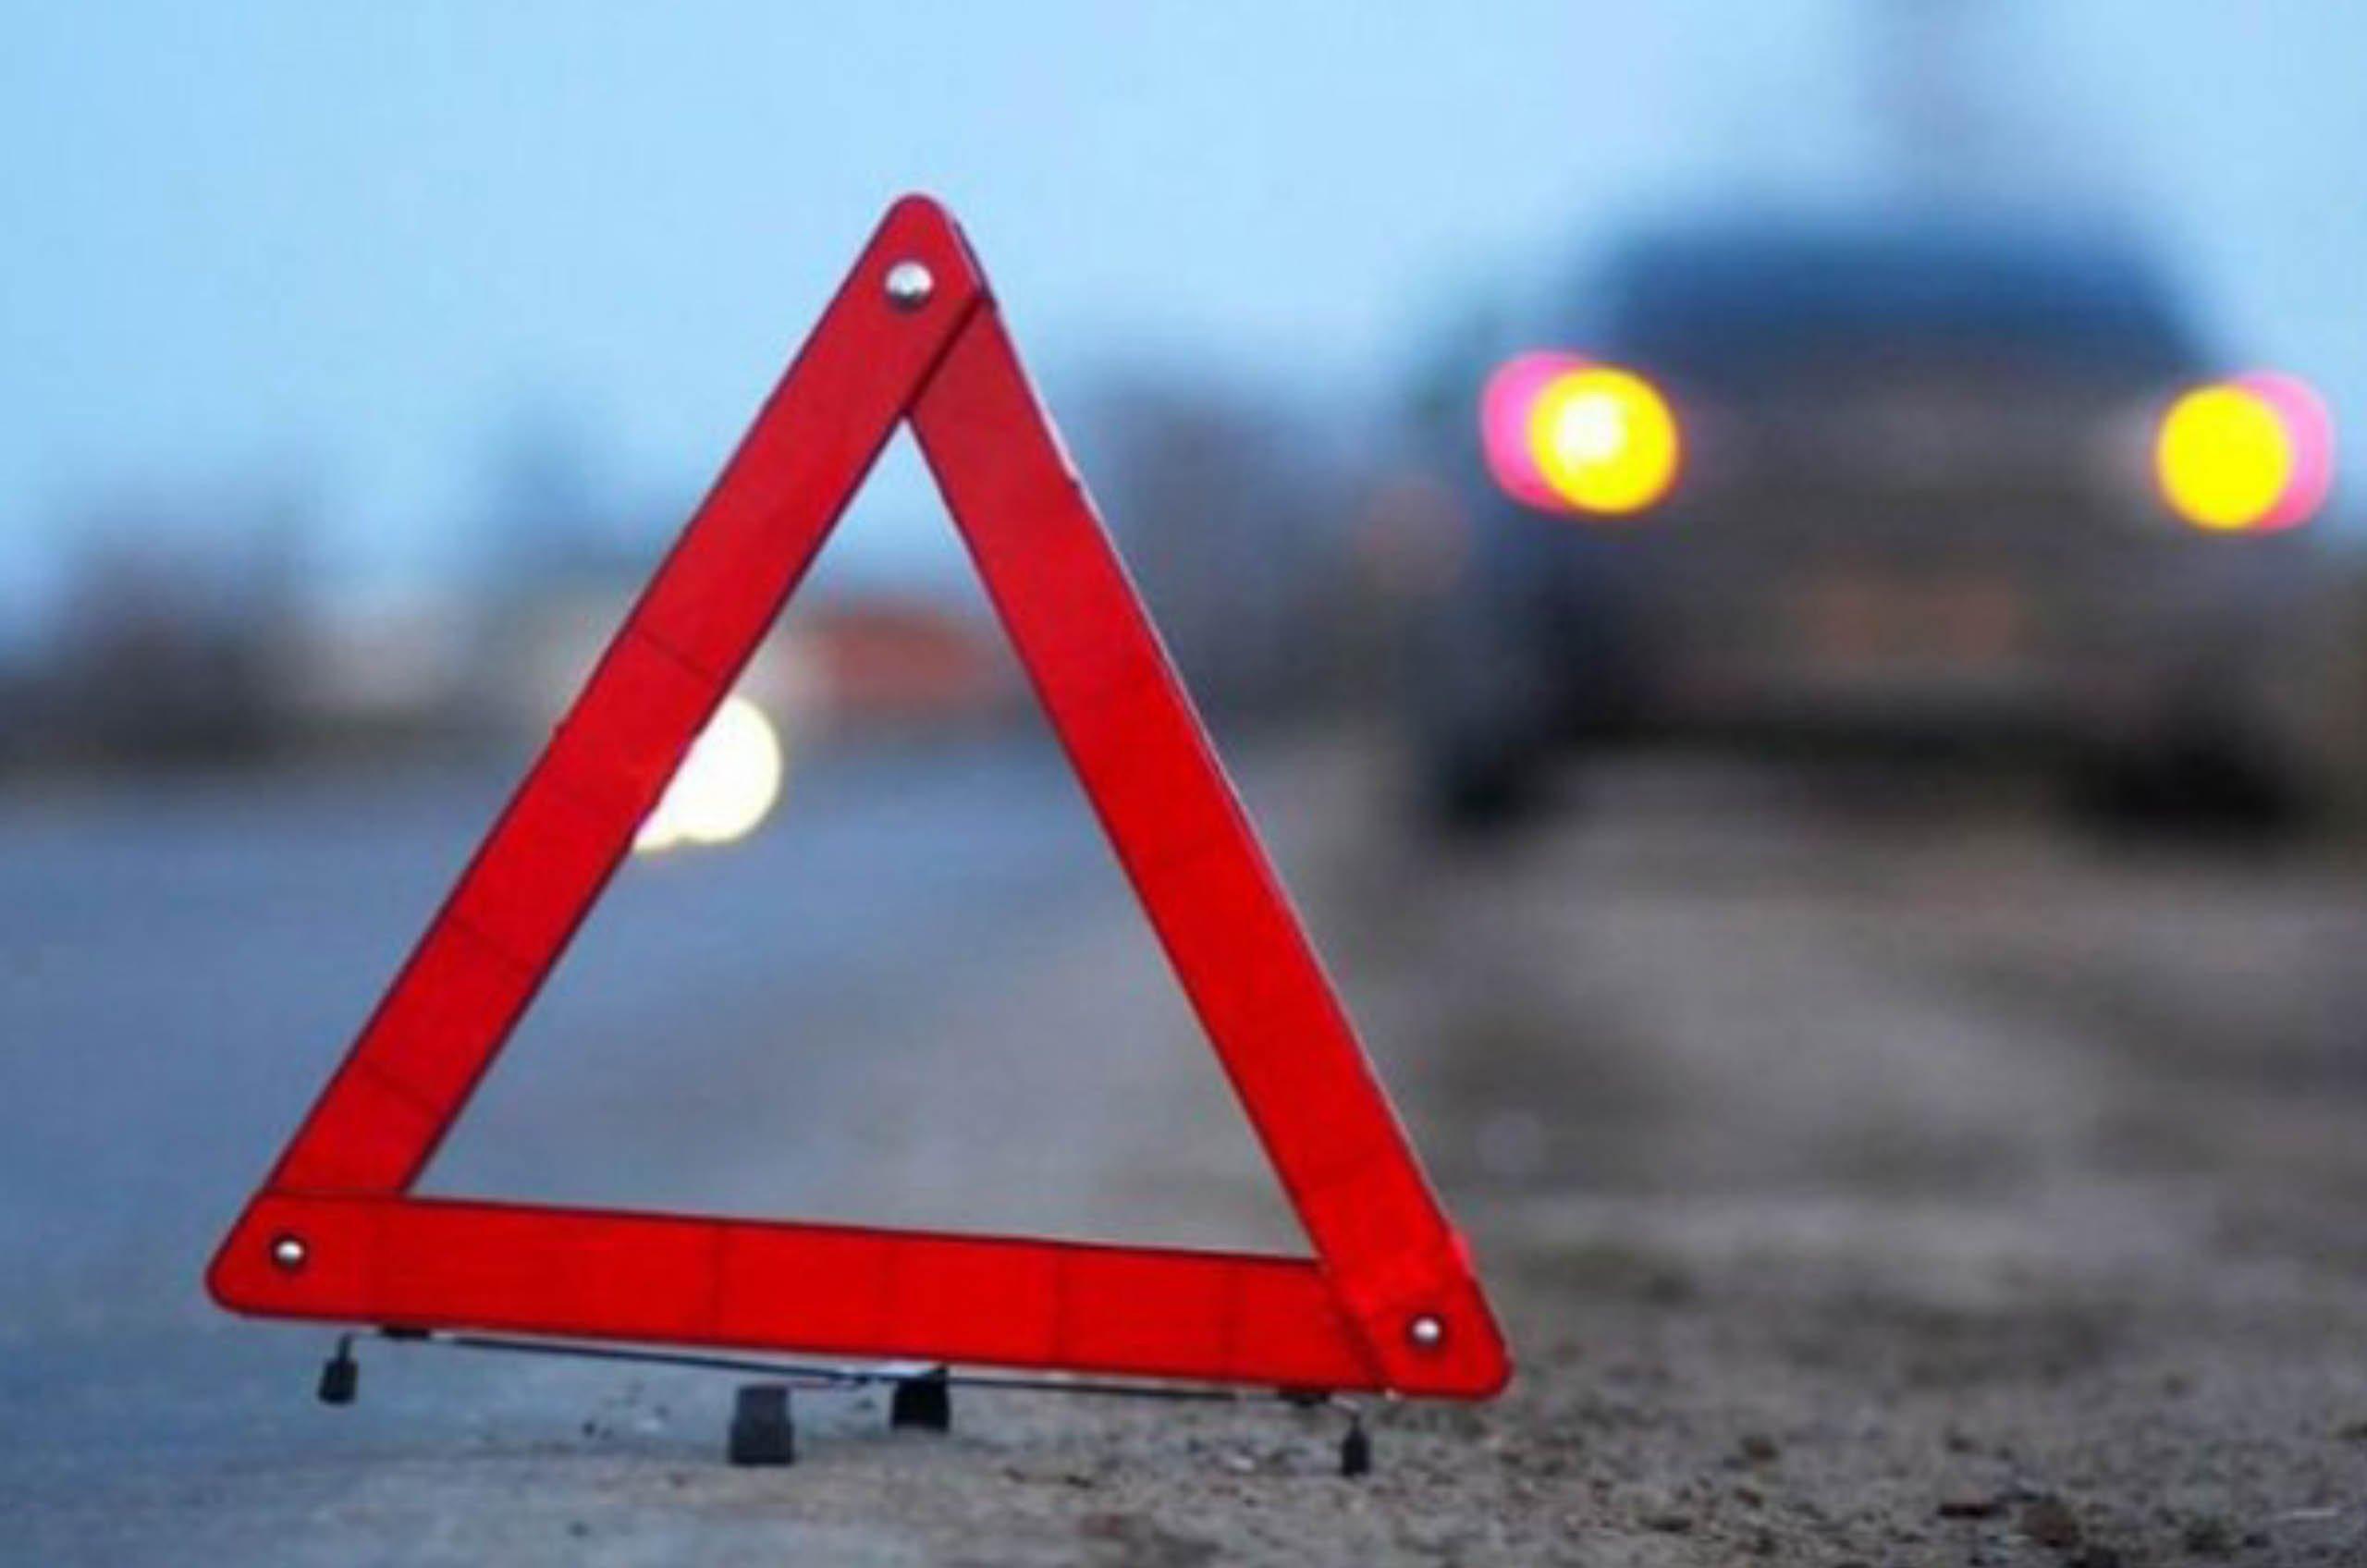 ВЕкатеринбурге при столкновении 2-х машин пострадала девочка